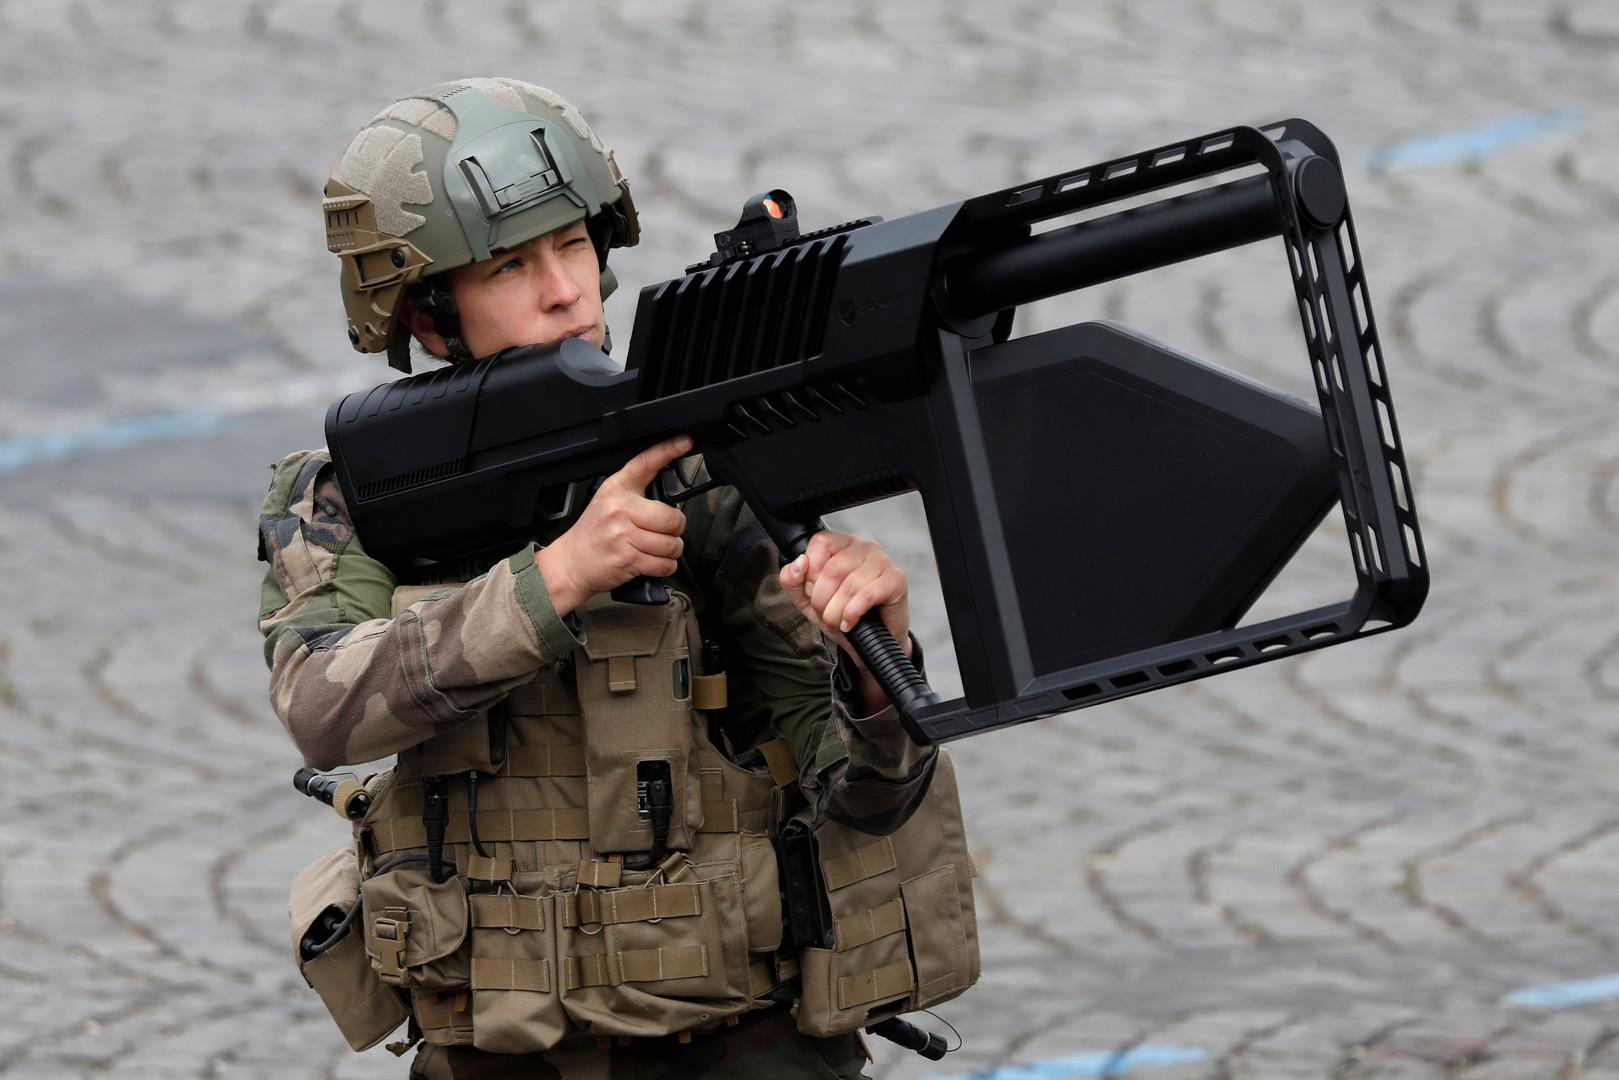 Gegen zukünftige Bedrohungen: Französische Armee will Science-Fiction-Autoren einstellen